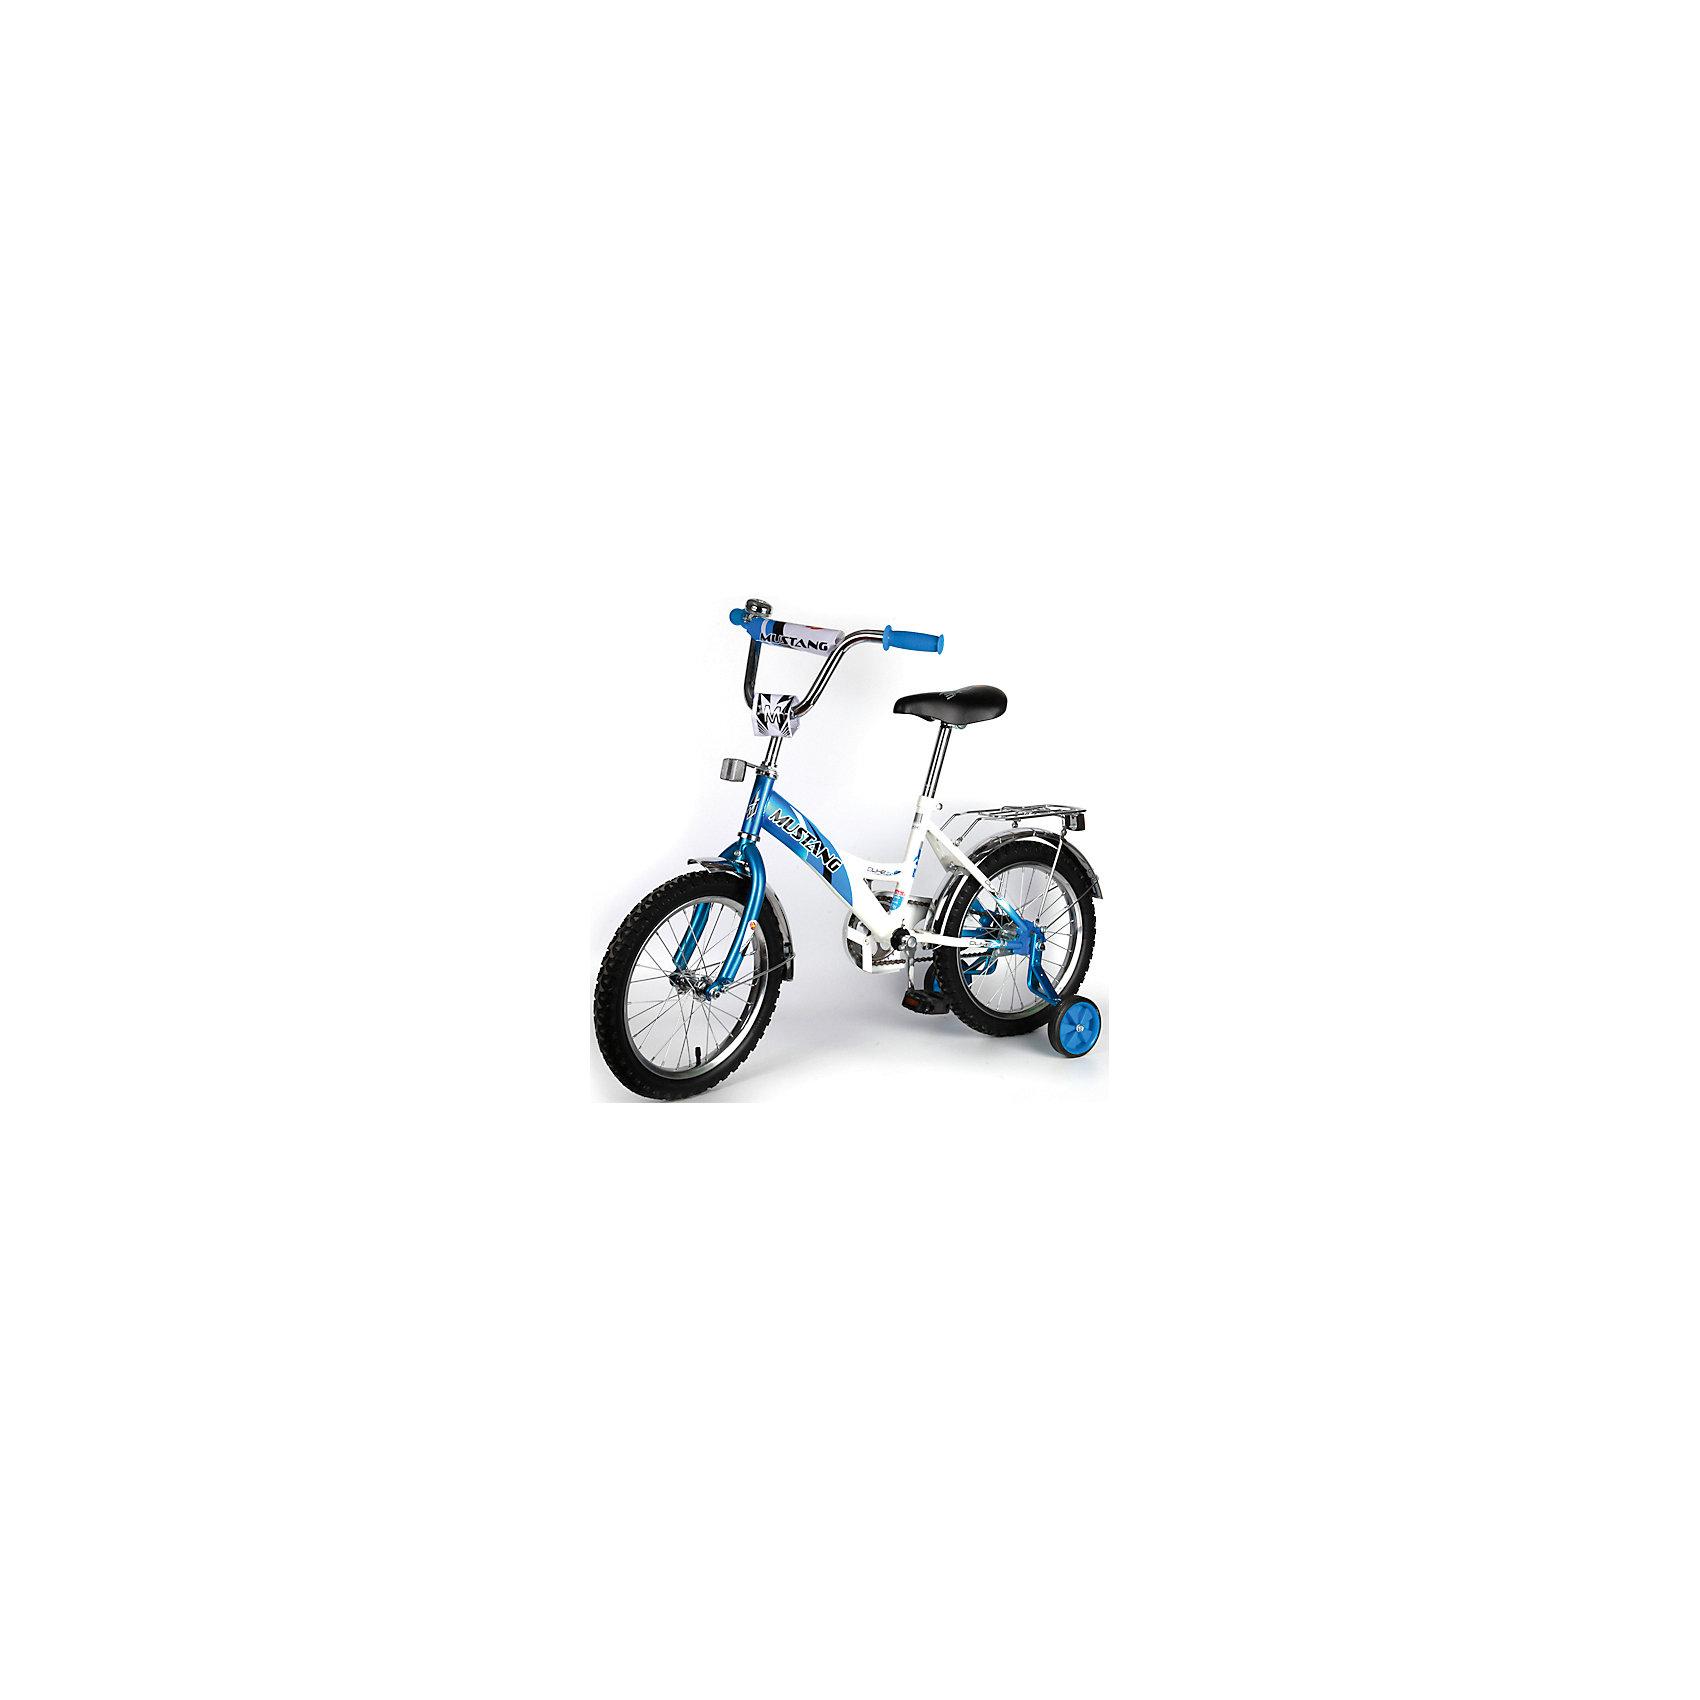 """Детский велосипед,  14,  синий/белый, MustangВелосипеды детские<br>Характеристики товара:<br><br>• цвет: синий, белый<br>• низкая рама<br>• диаметр колес: 35 см (14)<br>• 1 скорость<br>• задний ножной тормоз<br>• регулируемый хромированный руль BMX с защитной накладкой<br>• багажник<br>• звонок<br>• приставные пластиковые колеса с усиленным кронштейном<br>• усиленные хромированные крылья<br>• ограничитель поворота руля<br>• полная защита цепи """"Р"""" типа<br>• вес: 10,5 кг<br>• размер в собранном виде: 68х50х100 см<br>• допустимый вес: до 40 кг<br>• рекомендуемый возраст: от 3 лет<br>• страна производства: Китай<br><br>Велосипед детский «Mustang» 14"""" можно купить в нашем магазине.<br><br>Ширина мм: 500<br>Глубина мм: 680<br>Высота мм: 1000<br>Вес г: 10500<br>Возраст от месяцев: 36<br>Возраст до месяцев: 72<br>Пол: Мужской<br>Возраст: Детский<br>SKU: 5526393"""